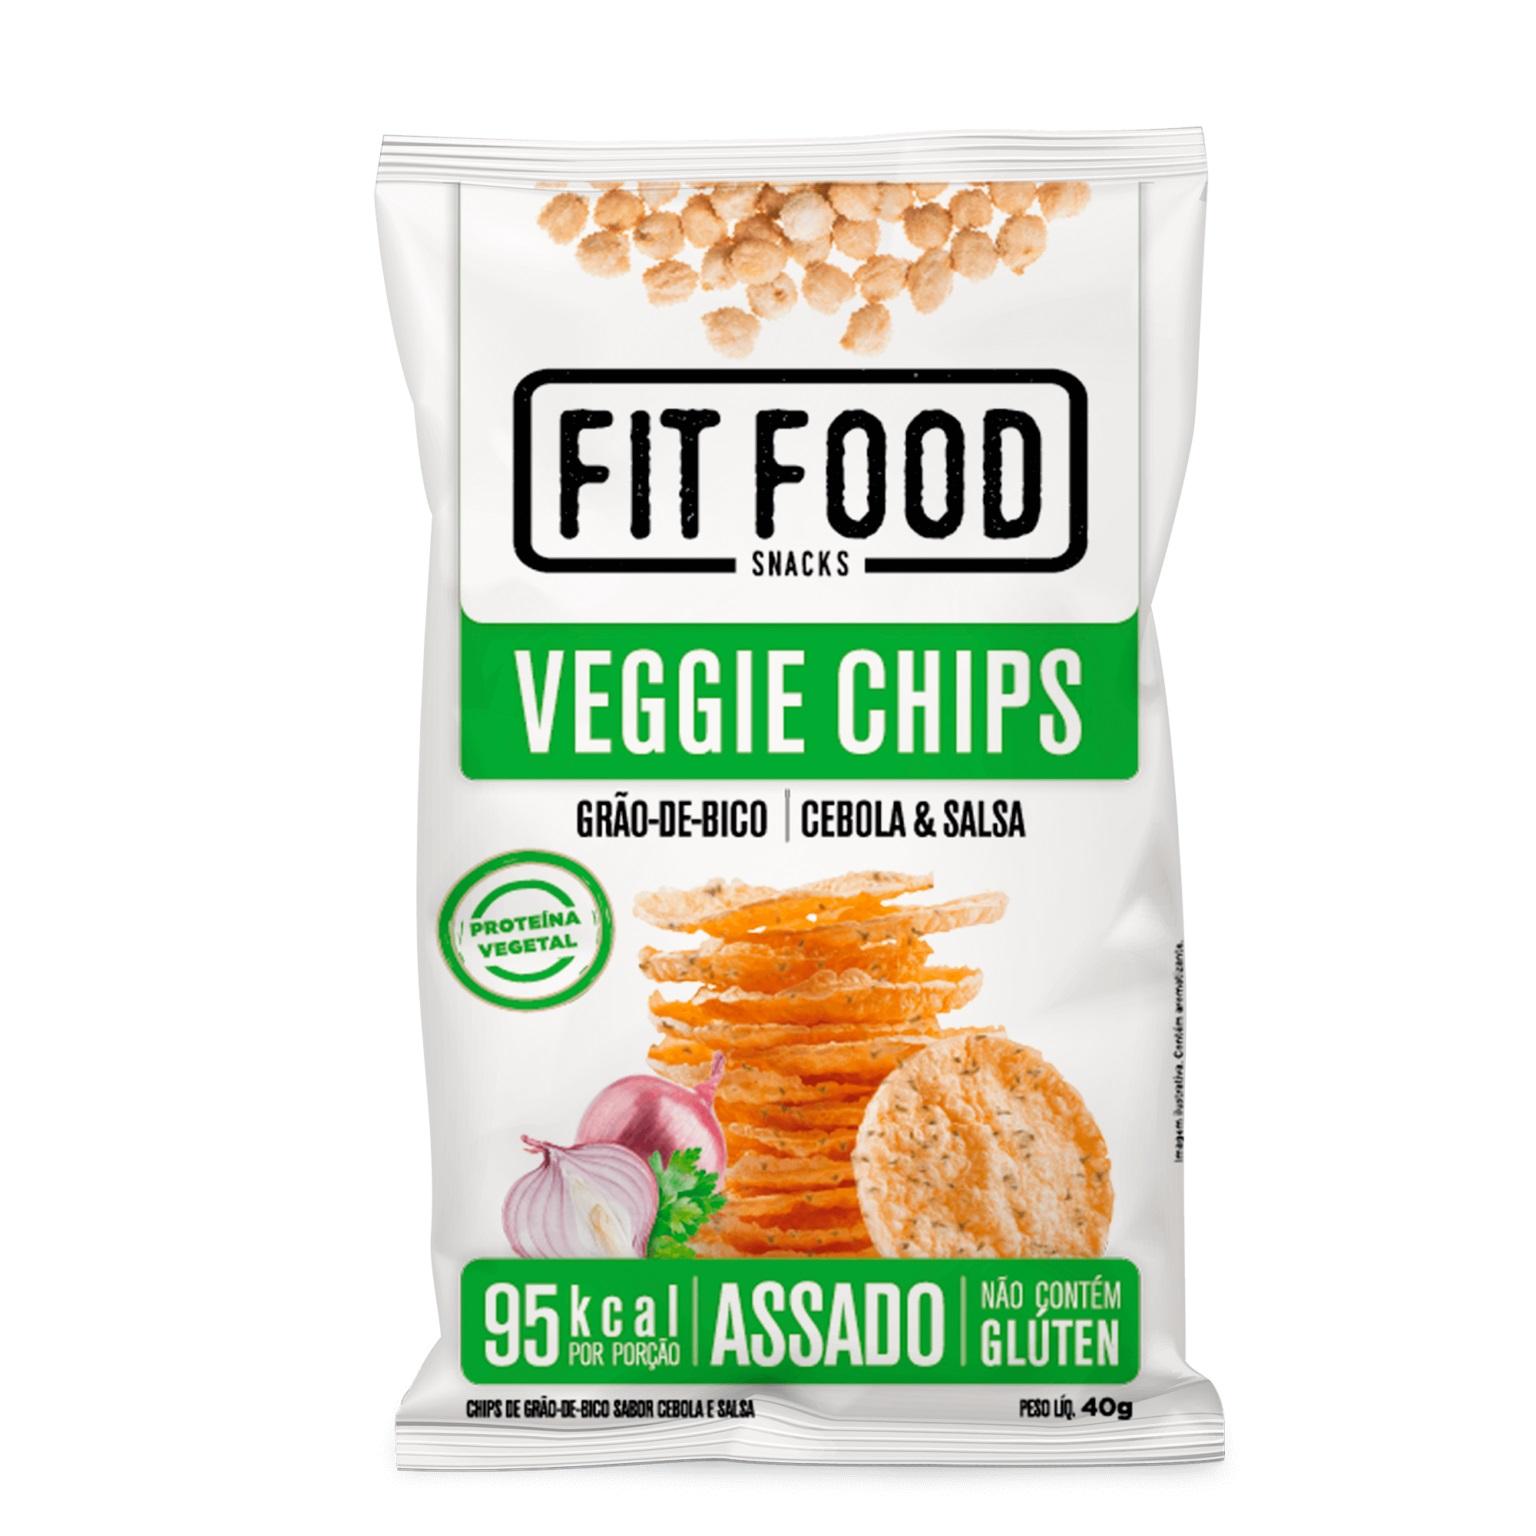 Veggie Chips Cebola & Salsa (40g) - Fit Food